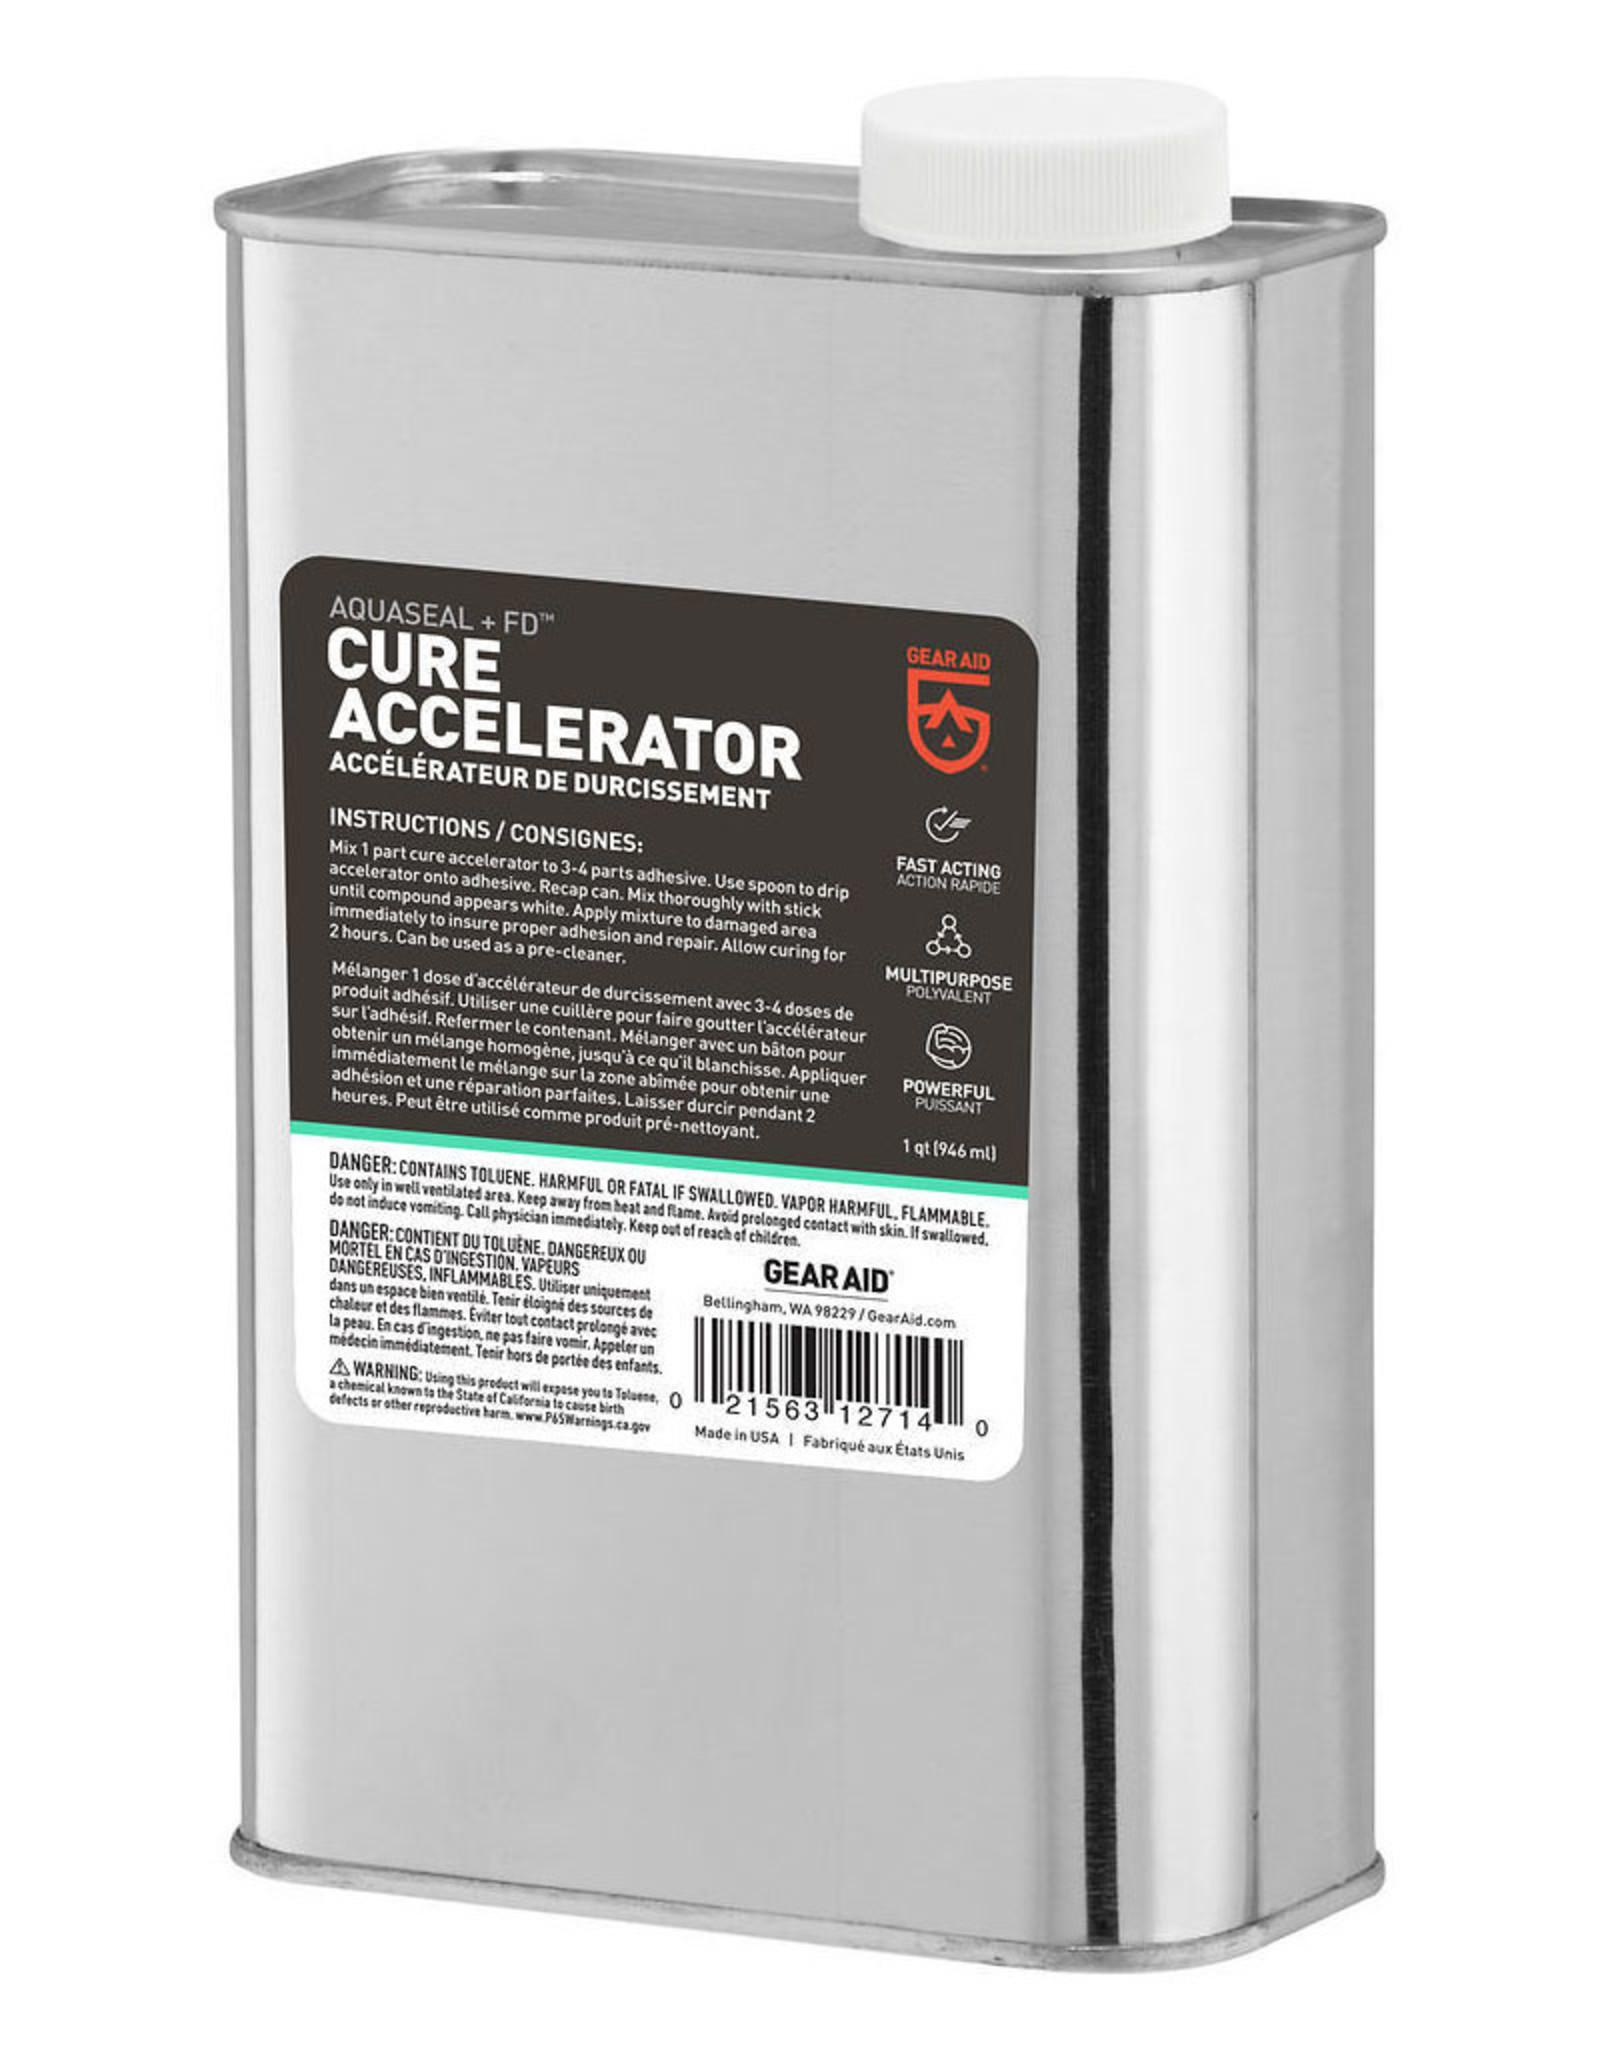 NRS Aquaseal FD Cure Accelerator